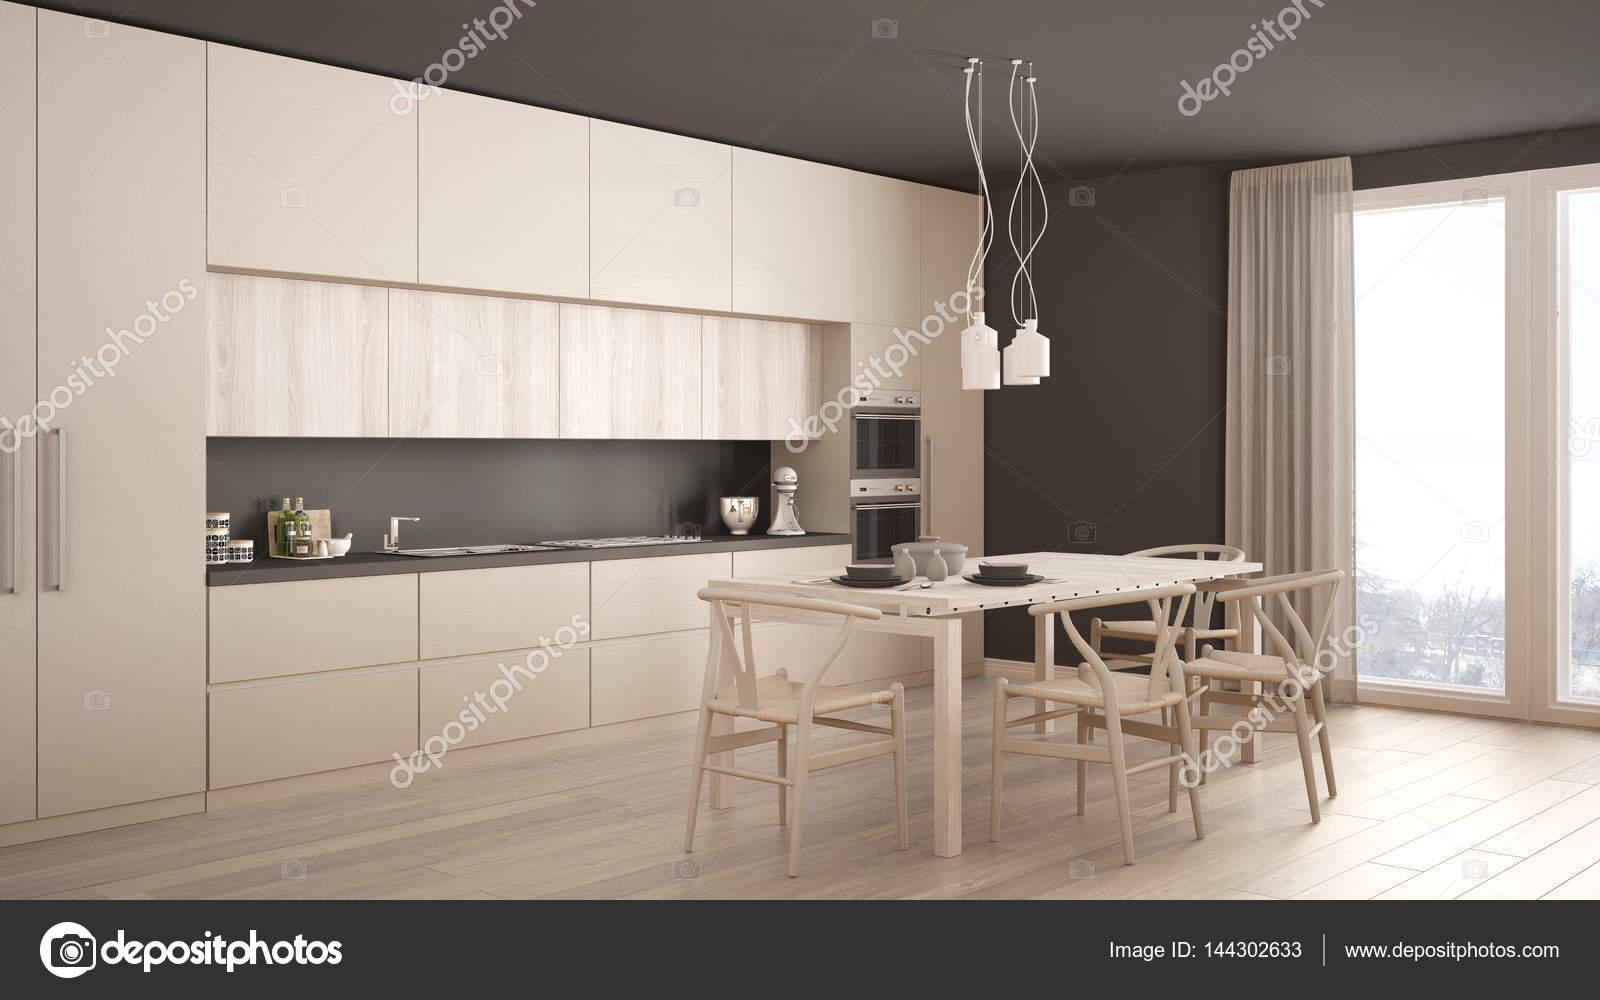 Visgraat Vloer Keuken : Moderne minimale witte keuken met houten vloer klassiek interieur